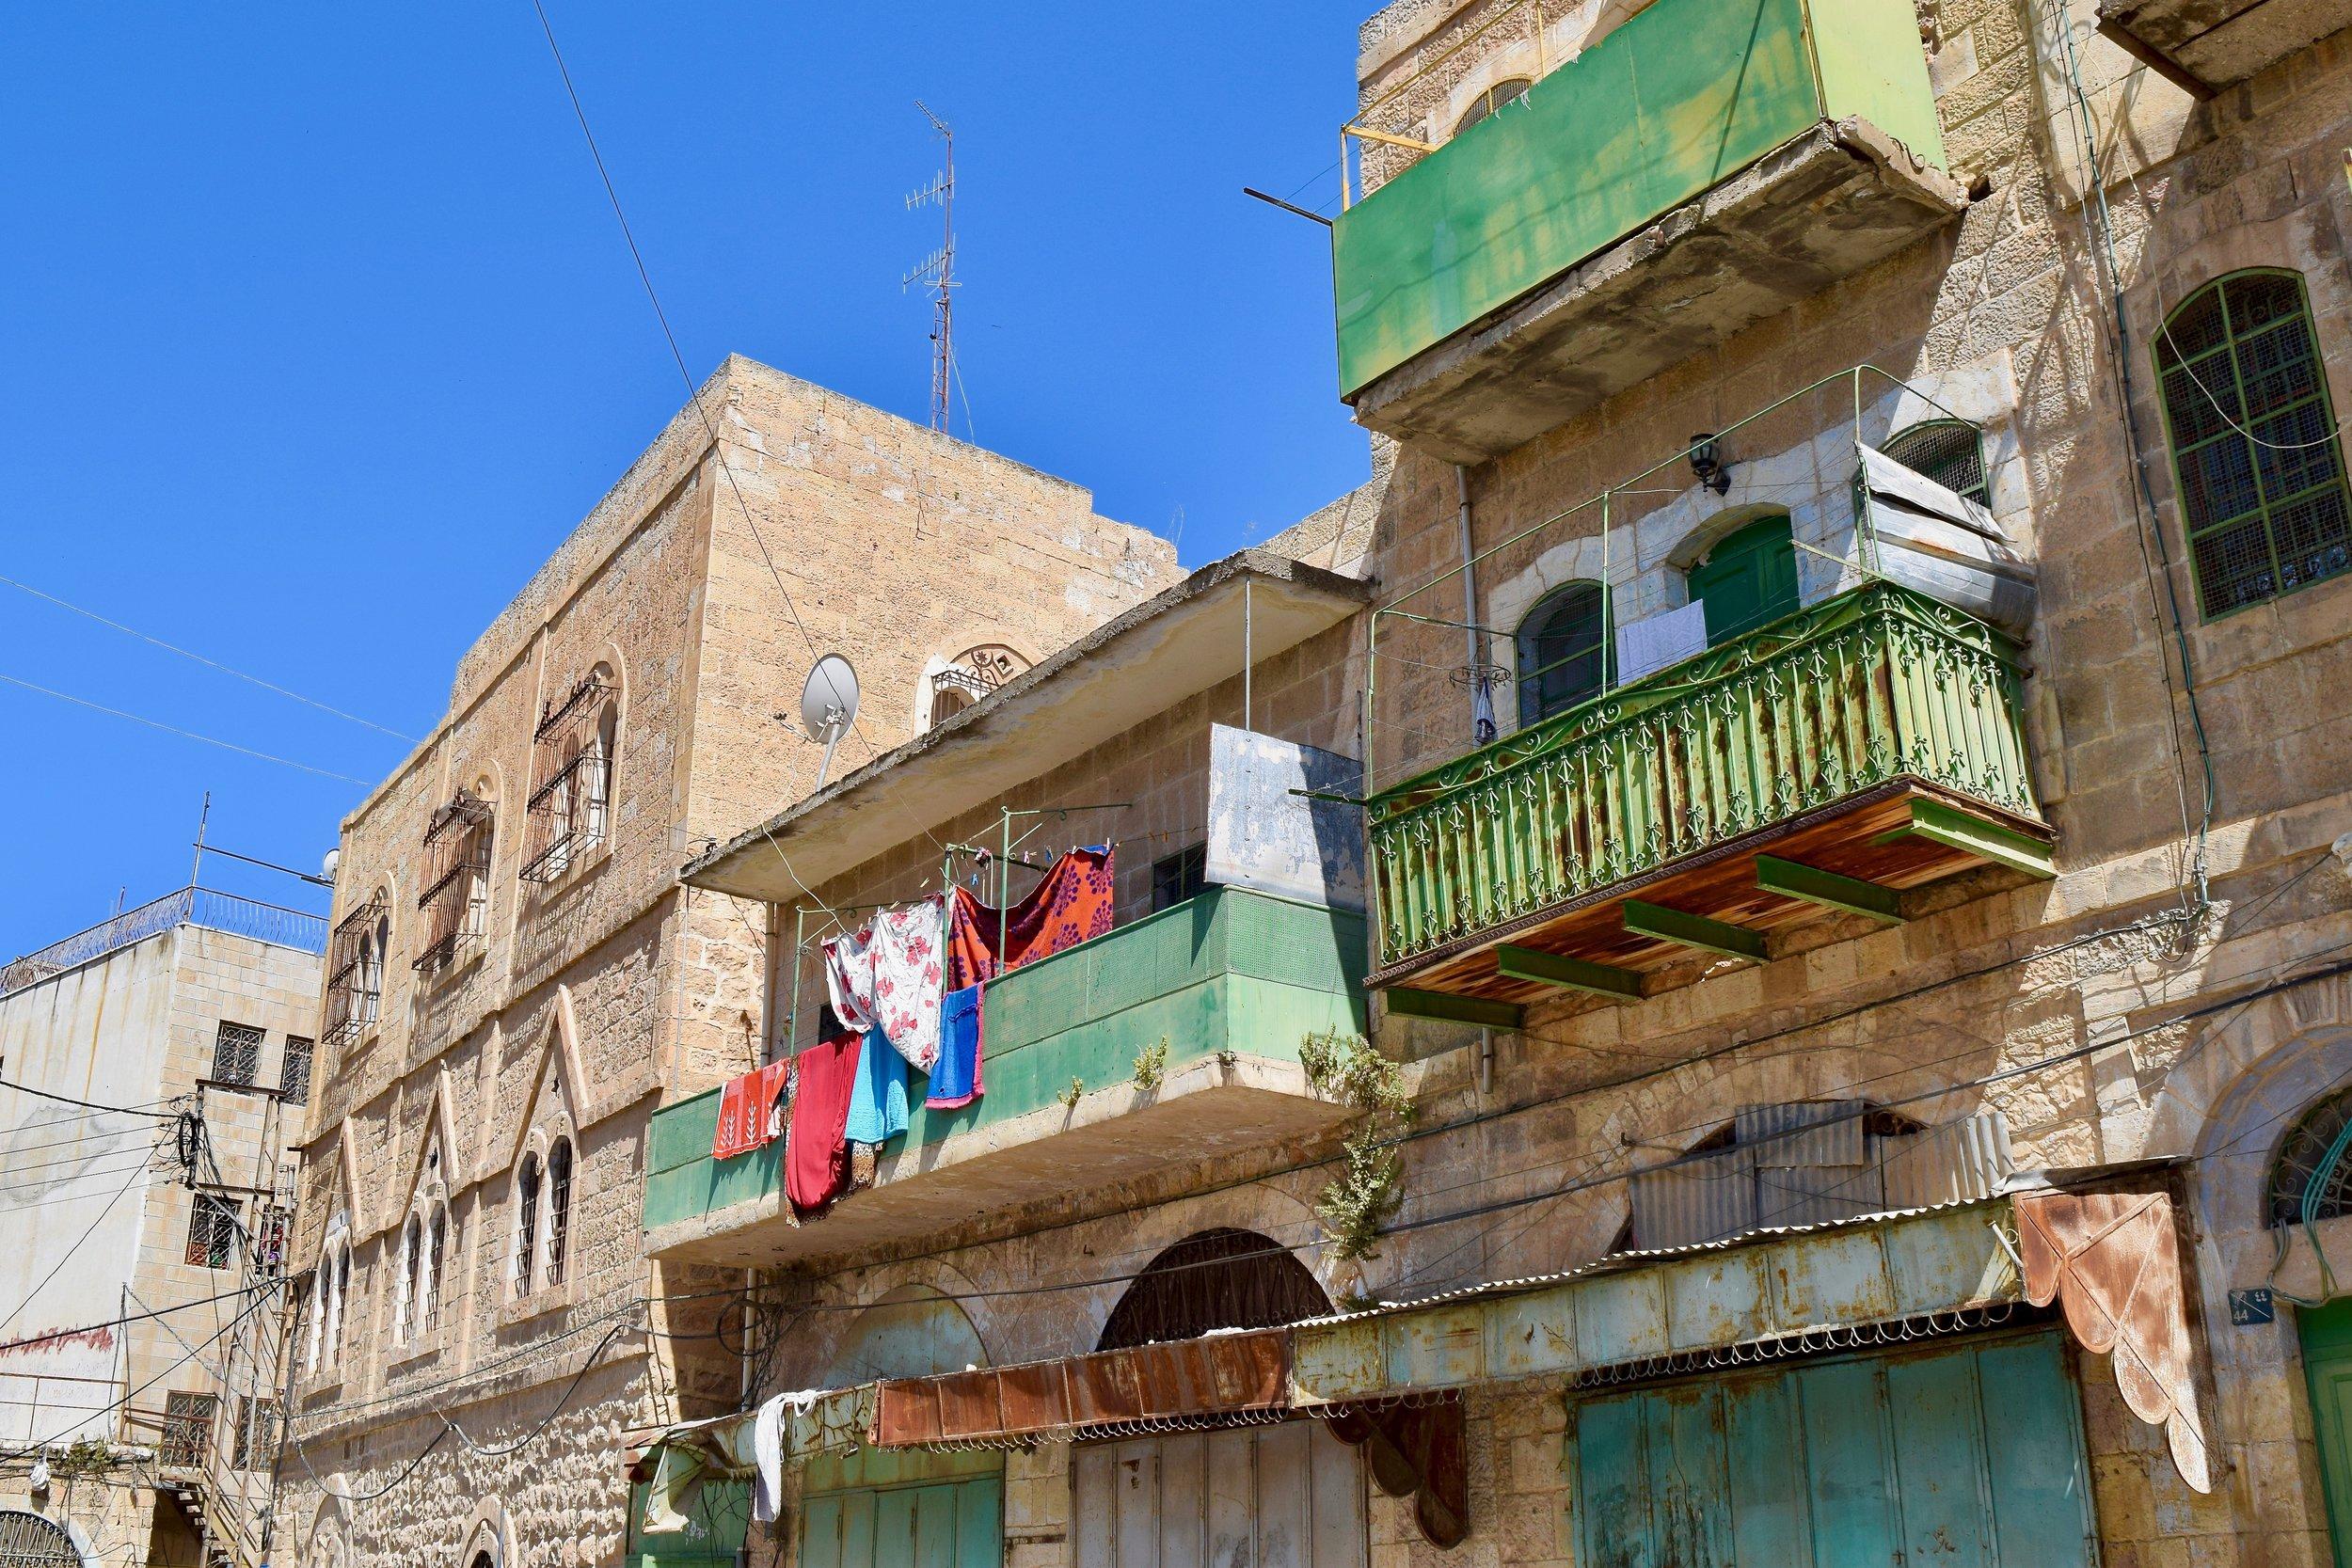 Street of Hebron, H2 zone